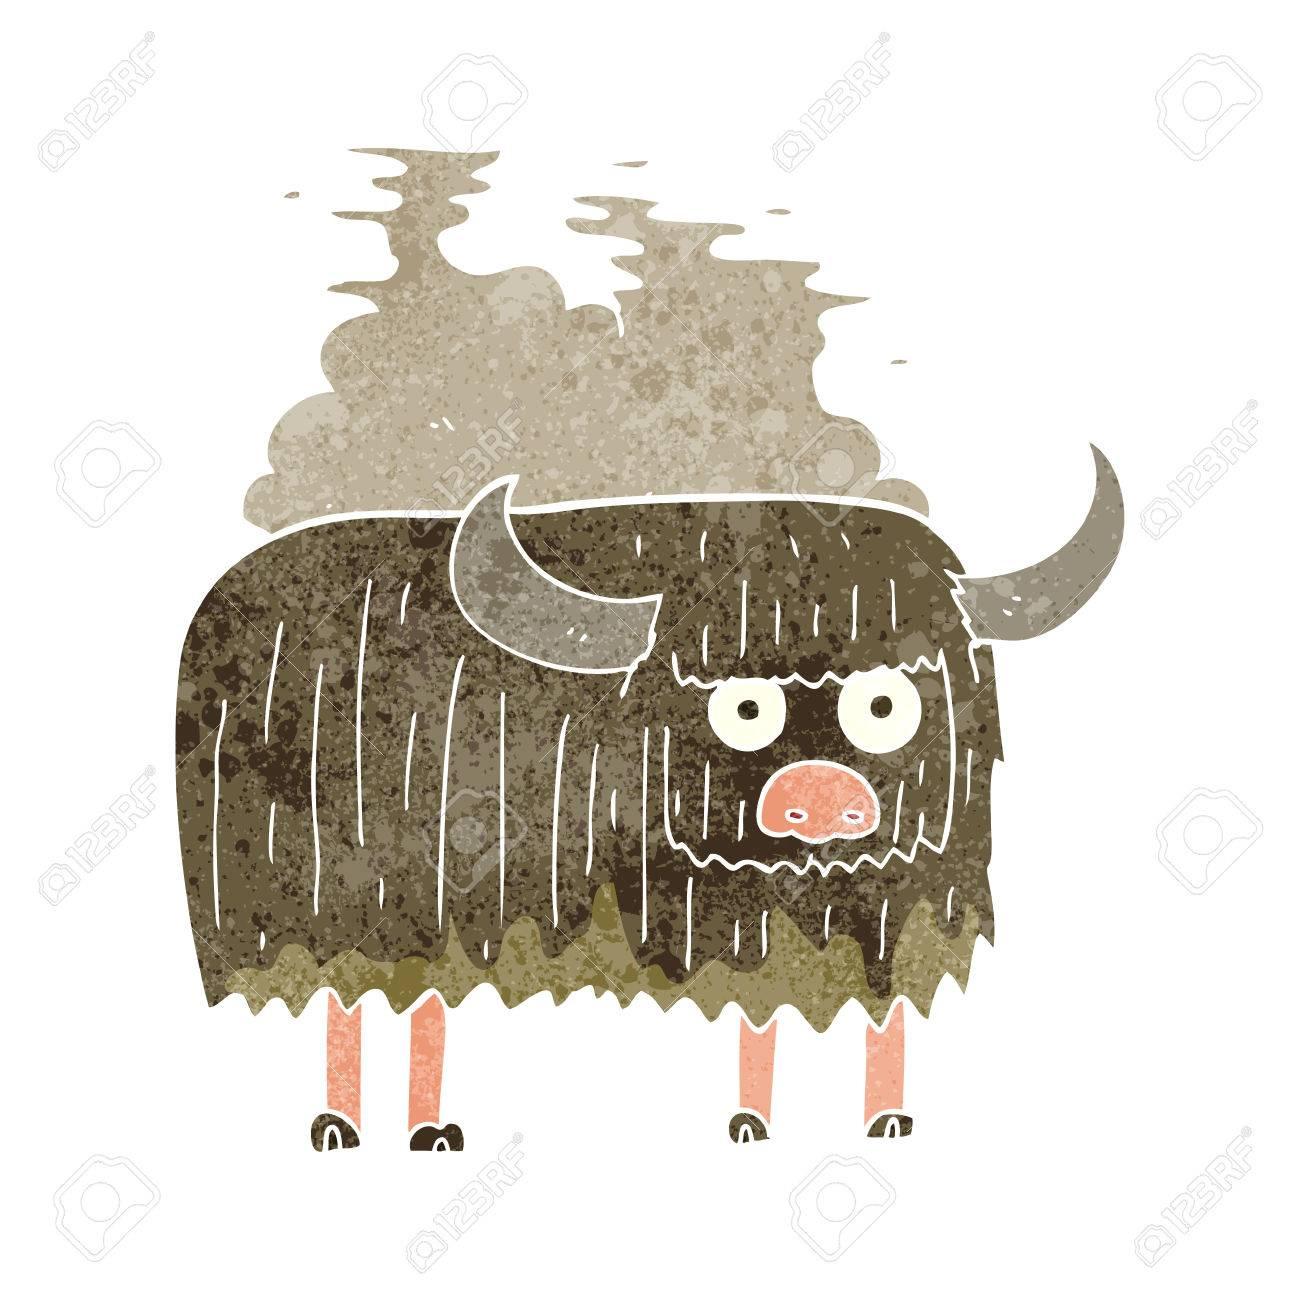 freehand retro cartoon smelly cow - 53703149